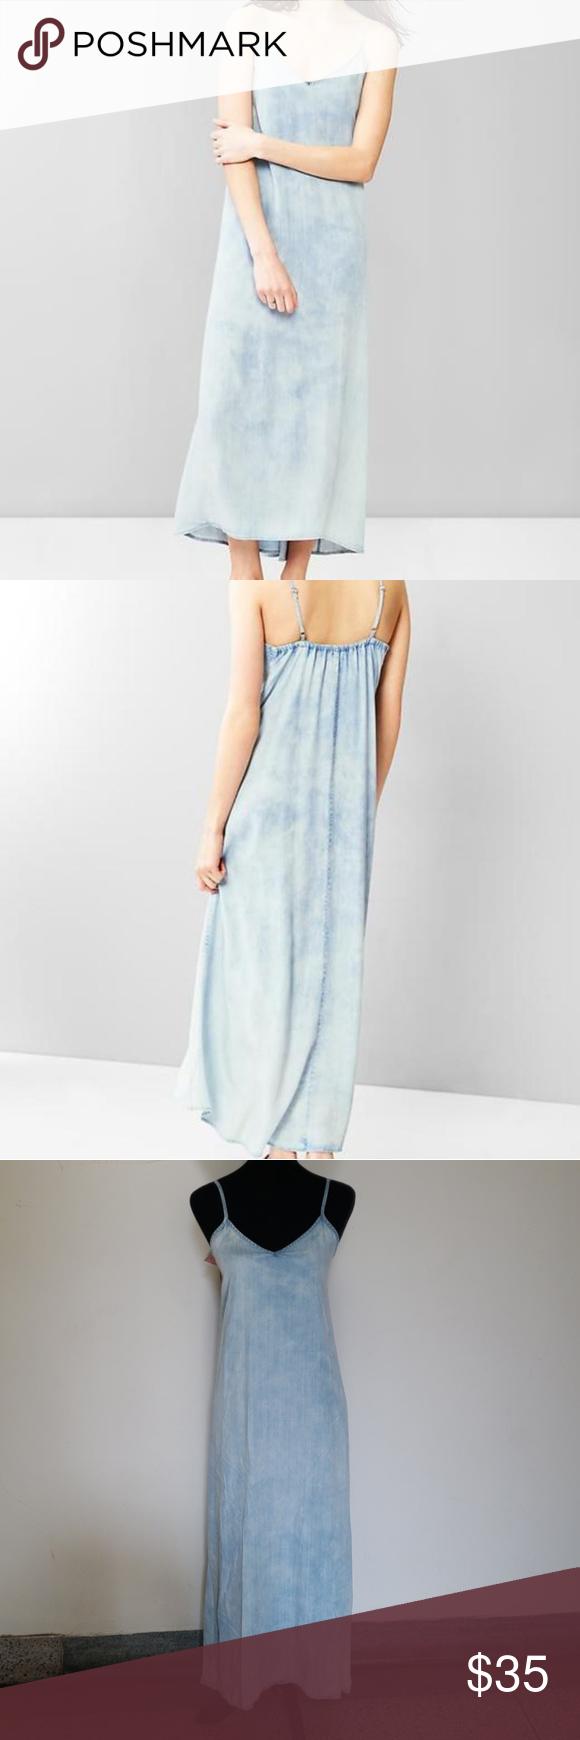 Gap Denim Dress Gap Denim Dress Dresses Gap Dress [ 1740 x 580 Pixel ]